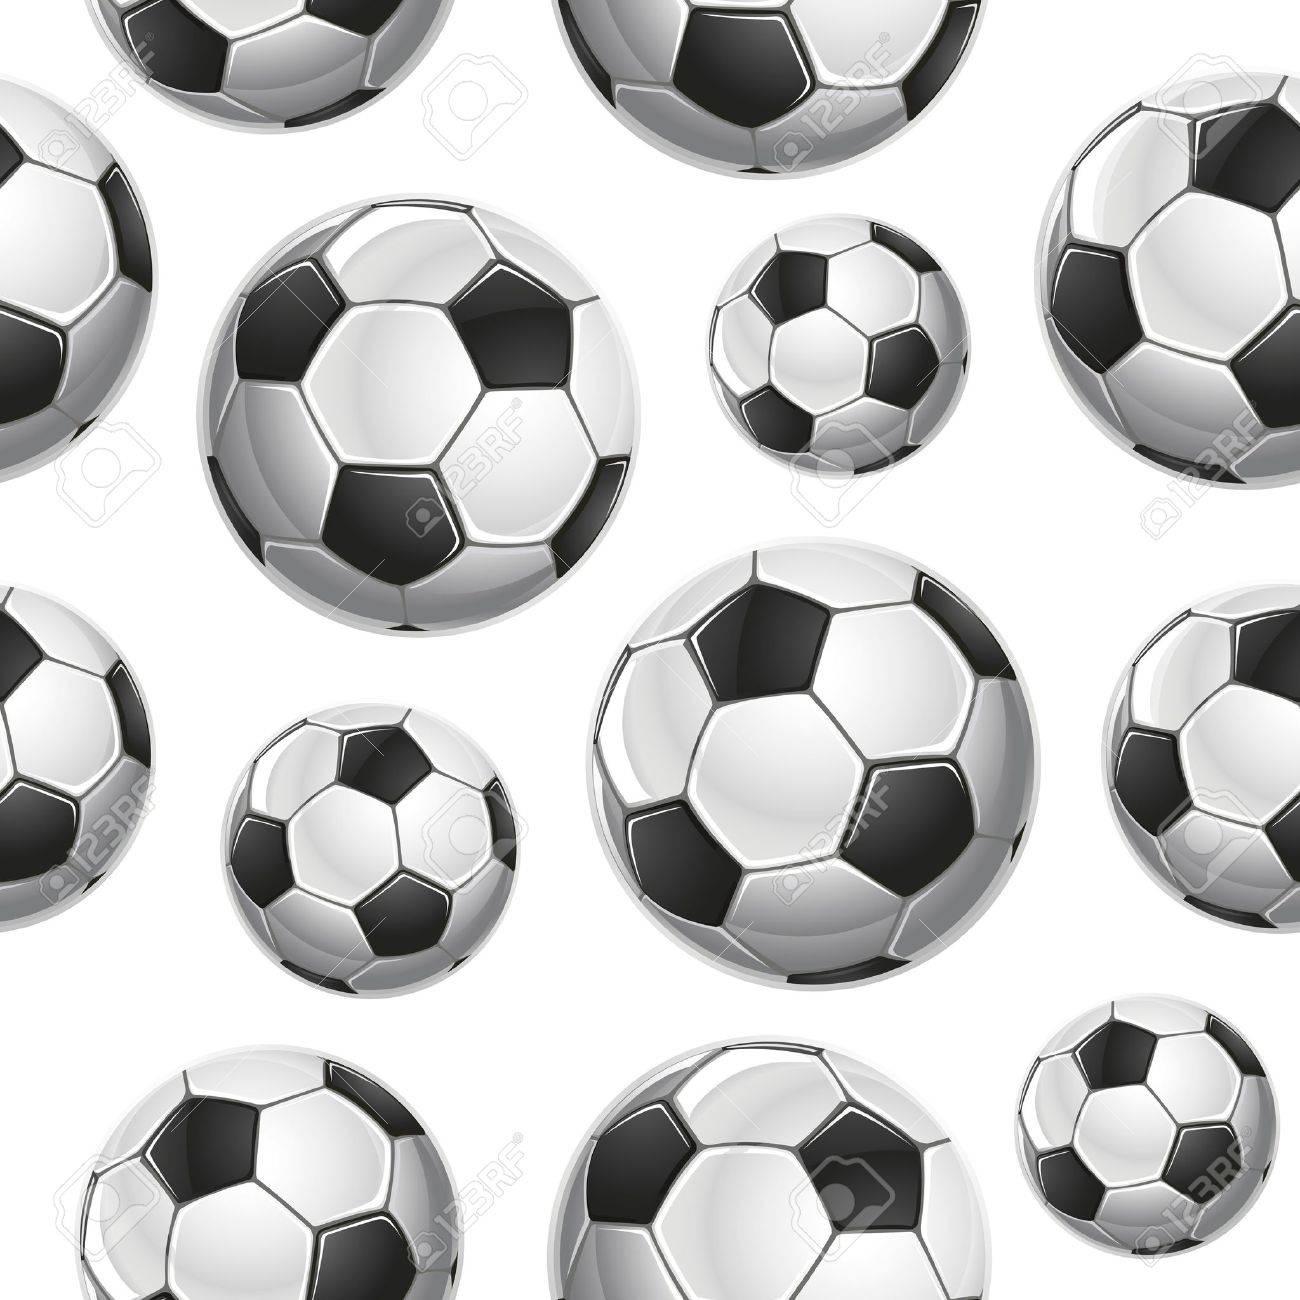 Soccer Balls Seamless pattern. Vector illustration Stock Vector - 18759003